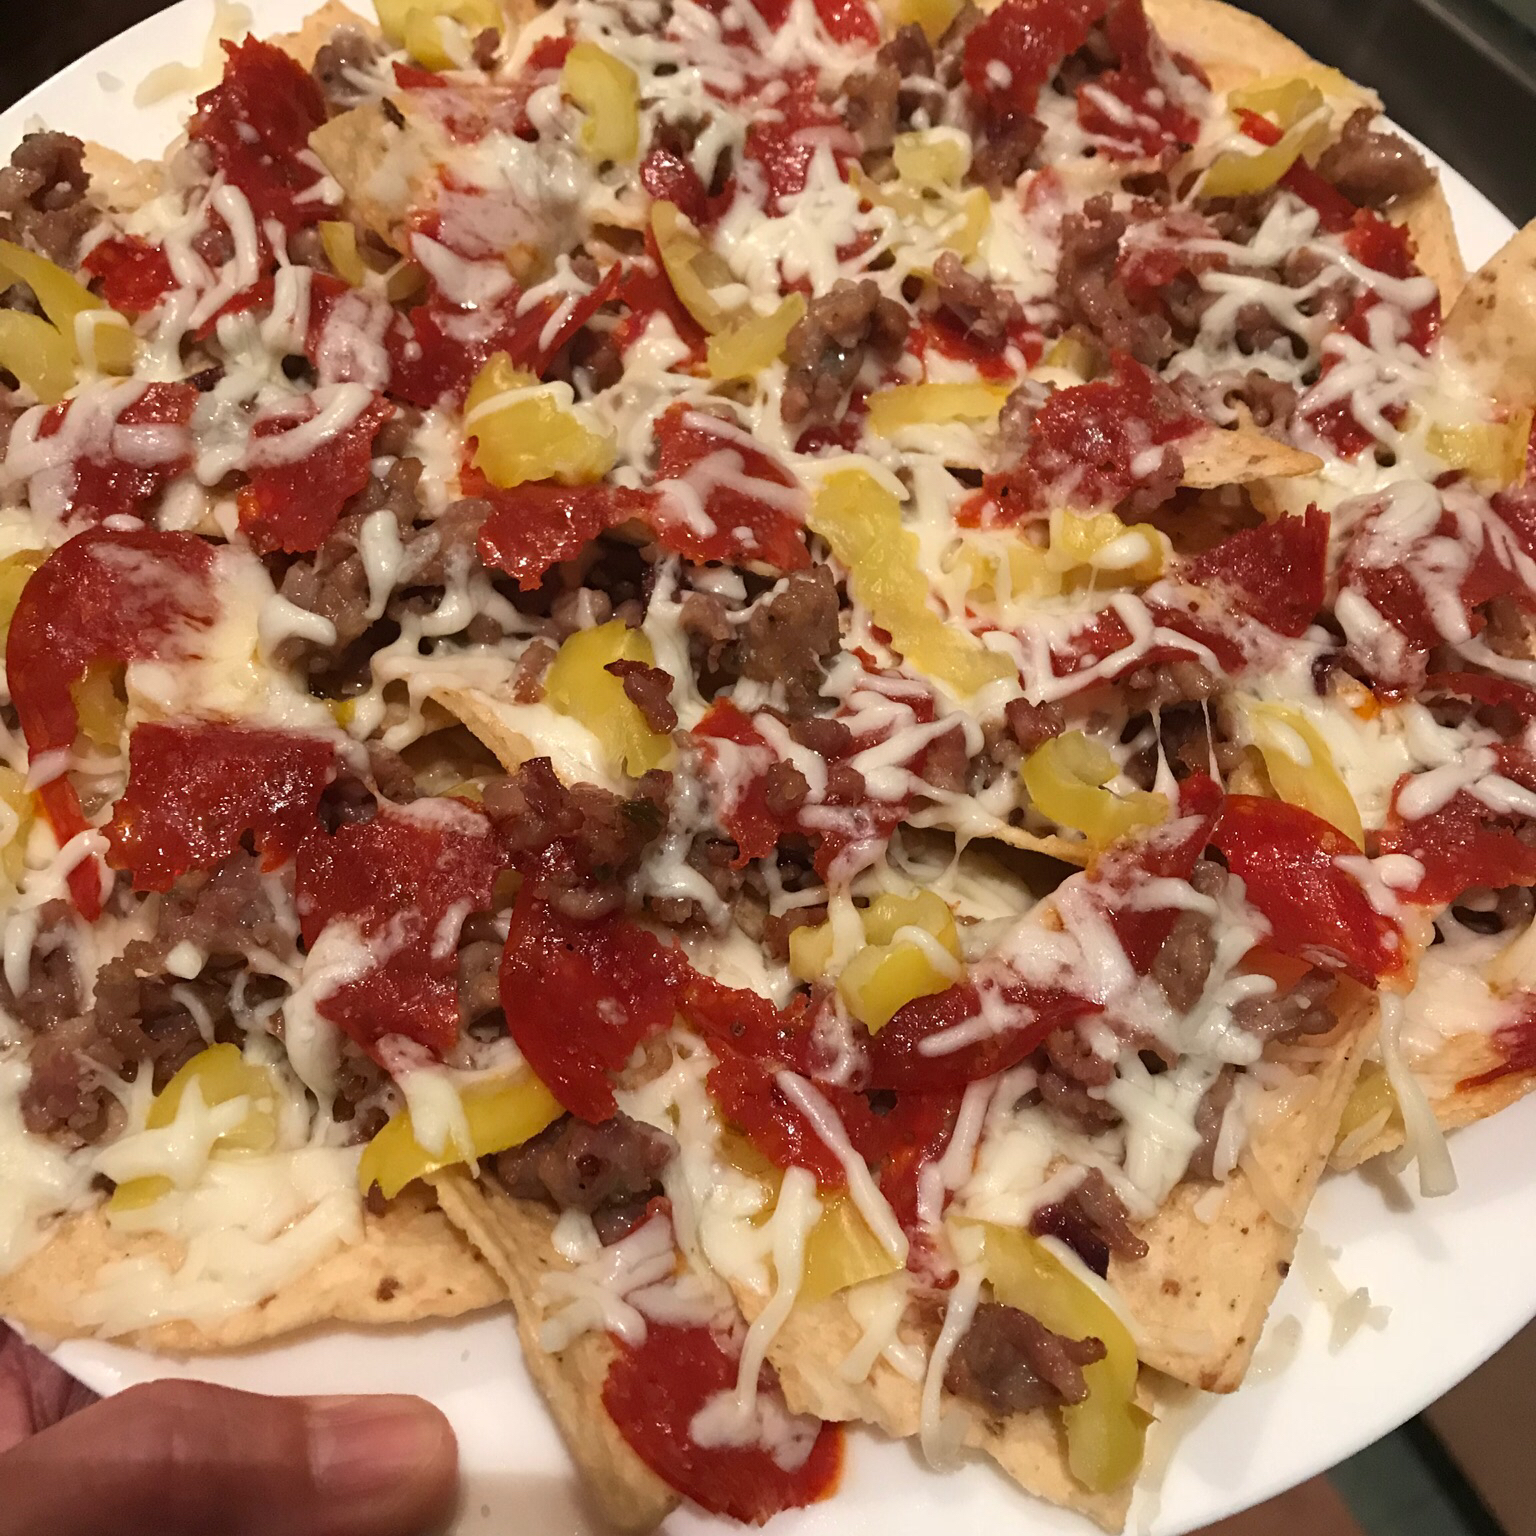 Italian Nachos Restaurant-Style Happybaker